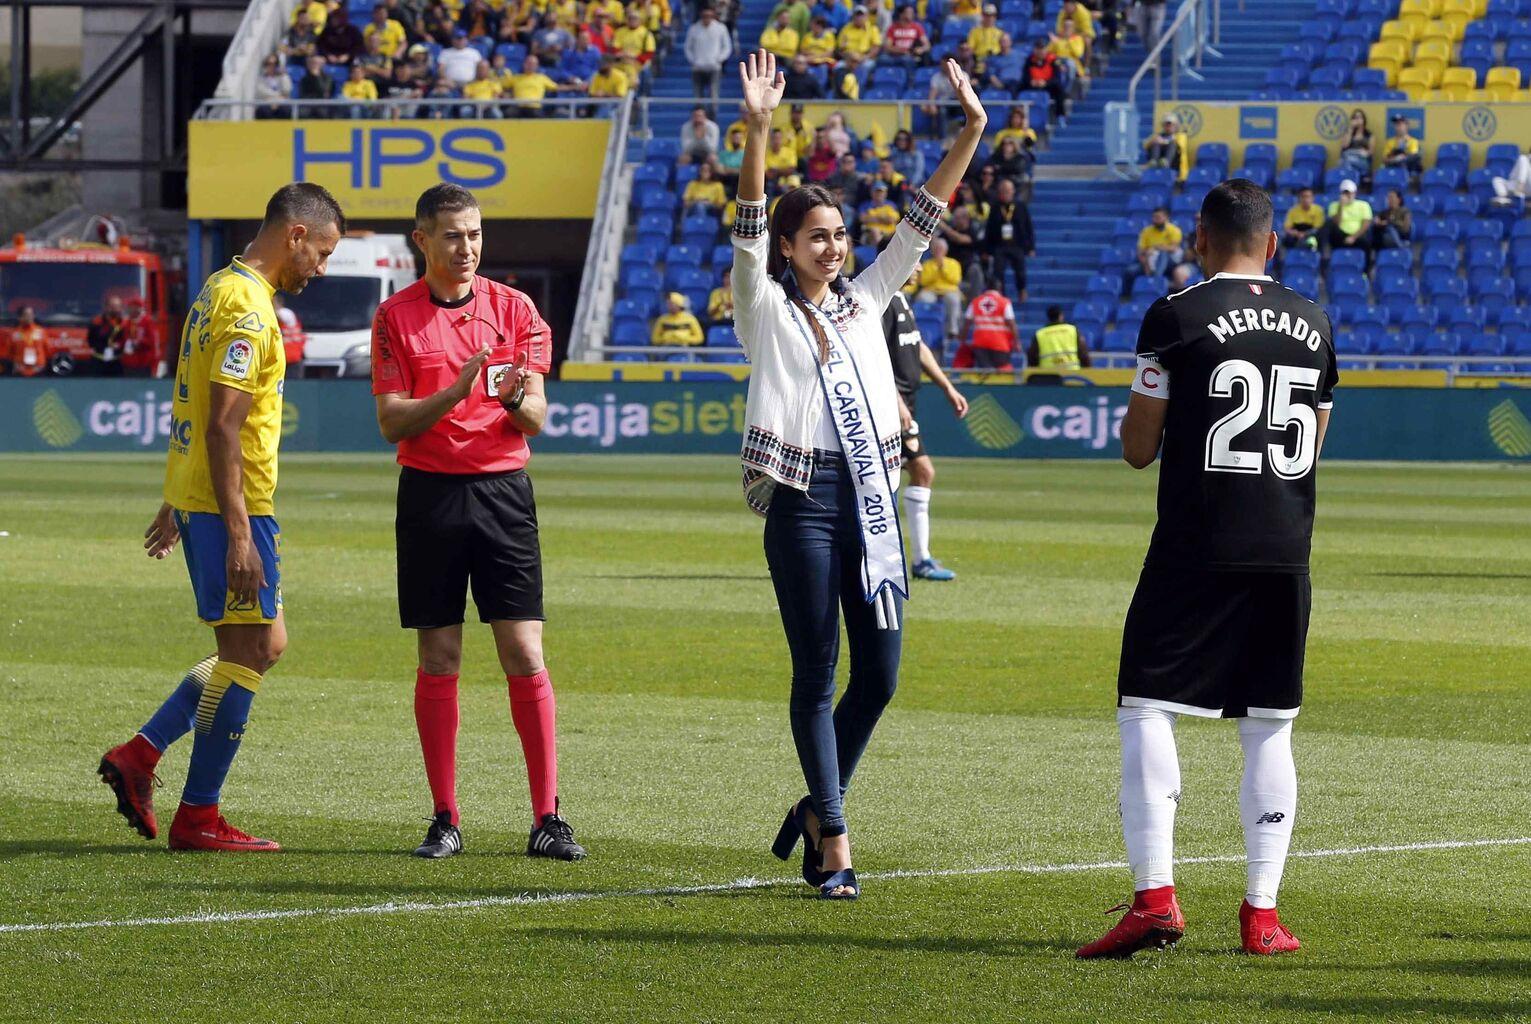 Resultado de imagen de Saque de honor de Ana Suárez